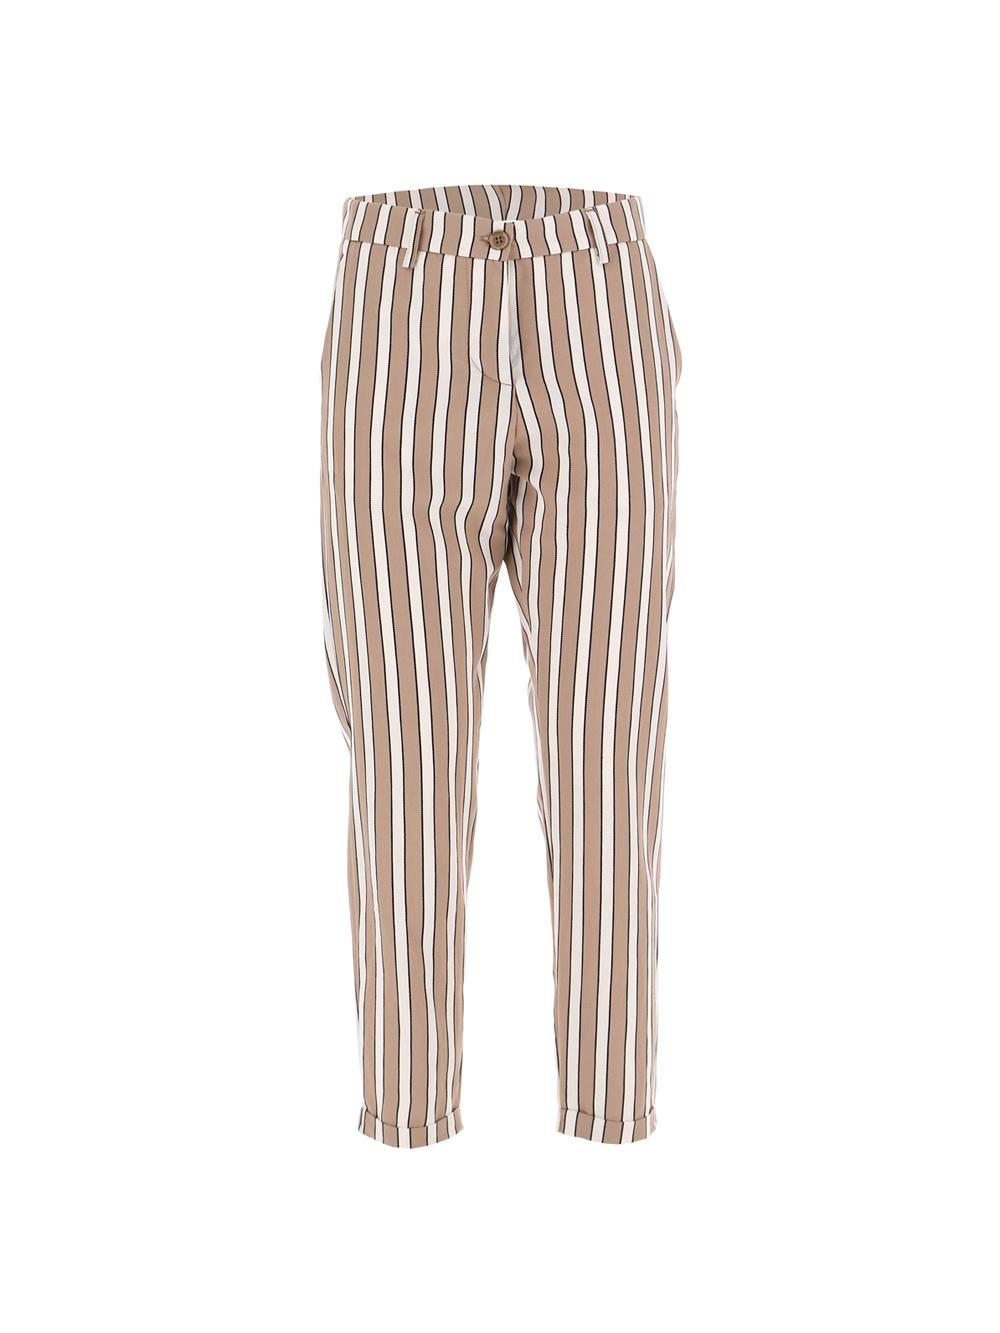 Вискозные брюки в полоску  Imperial